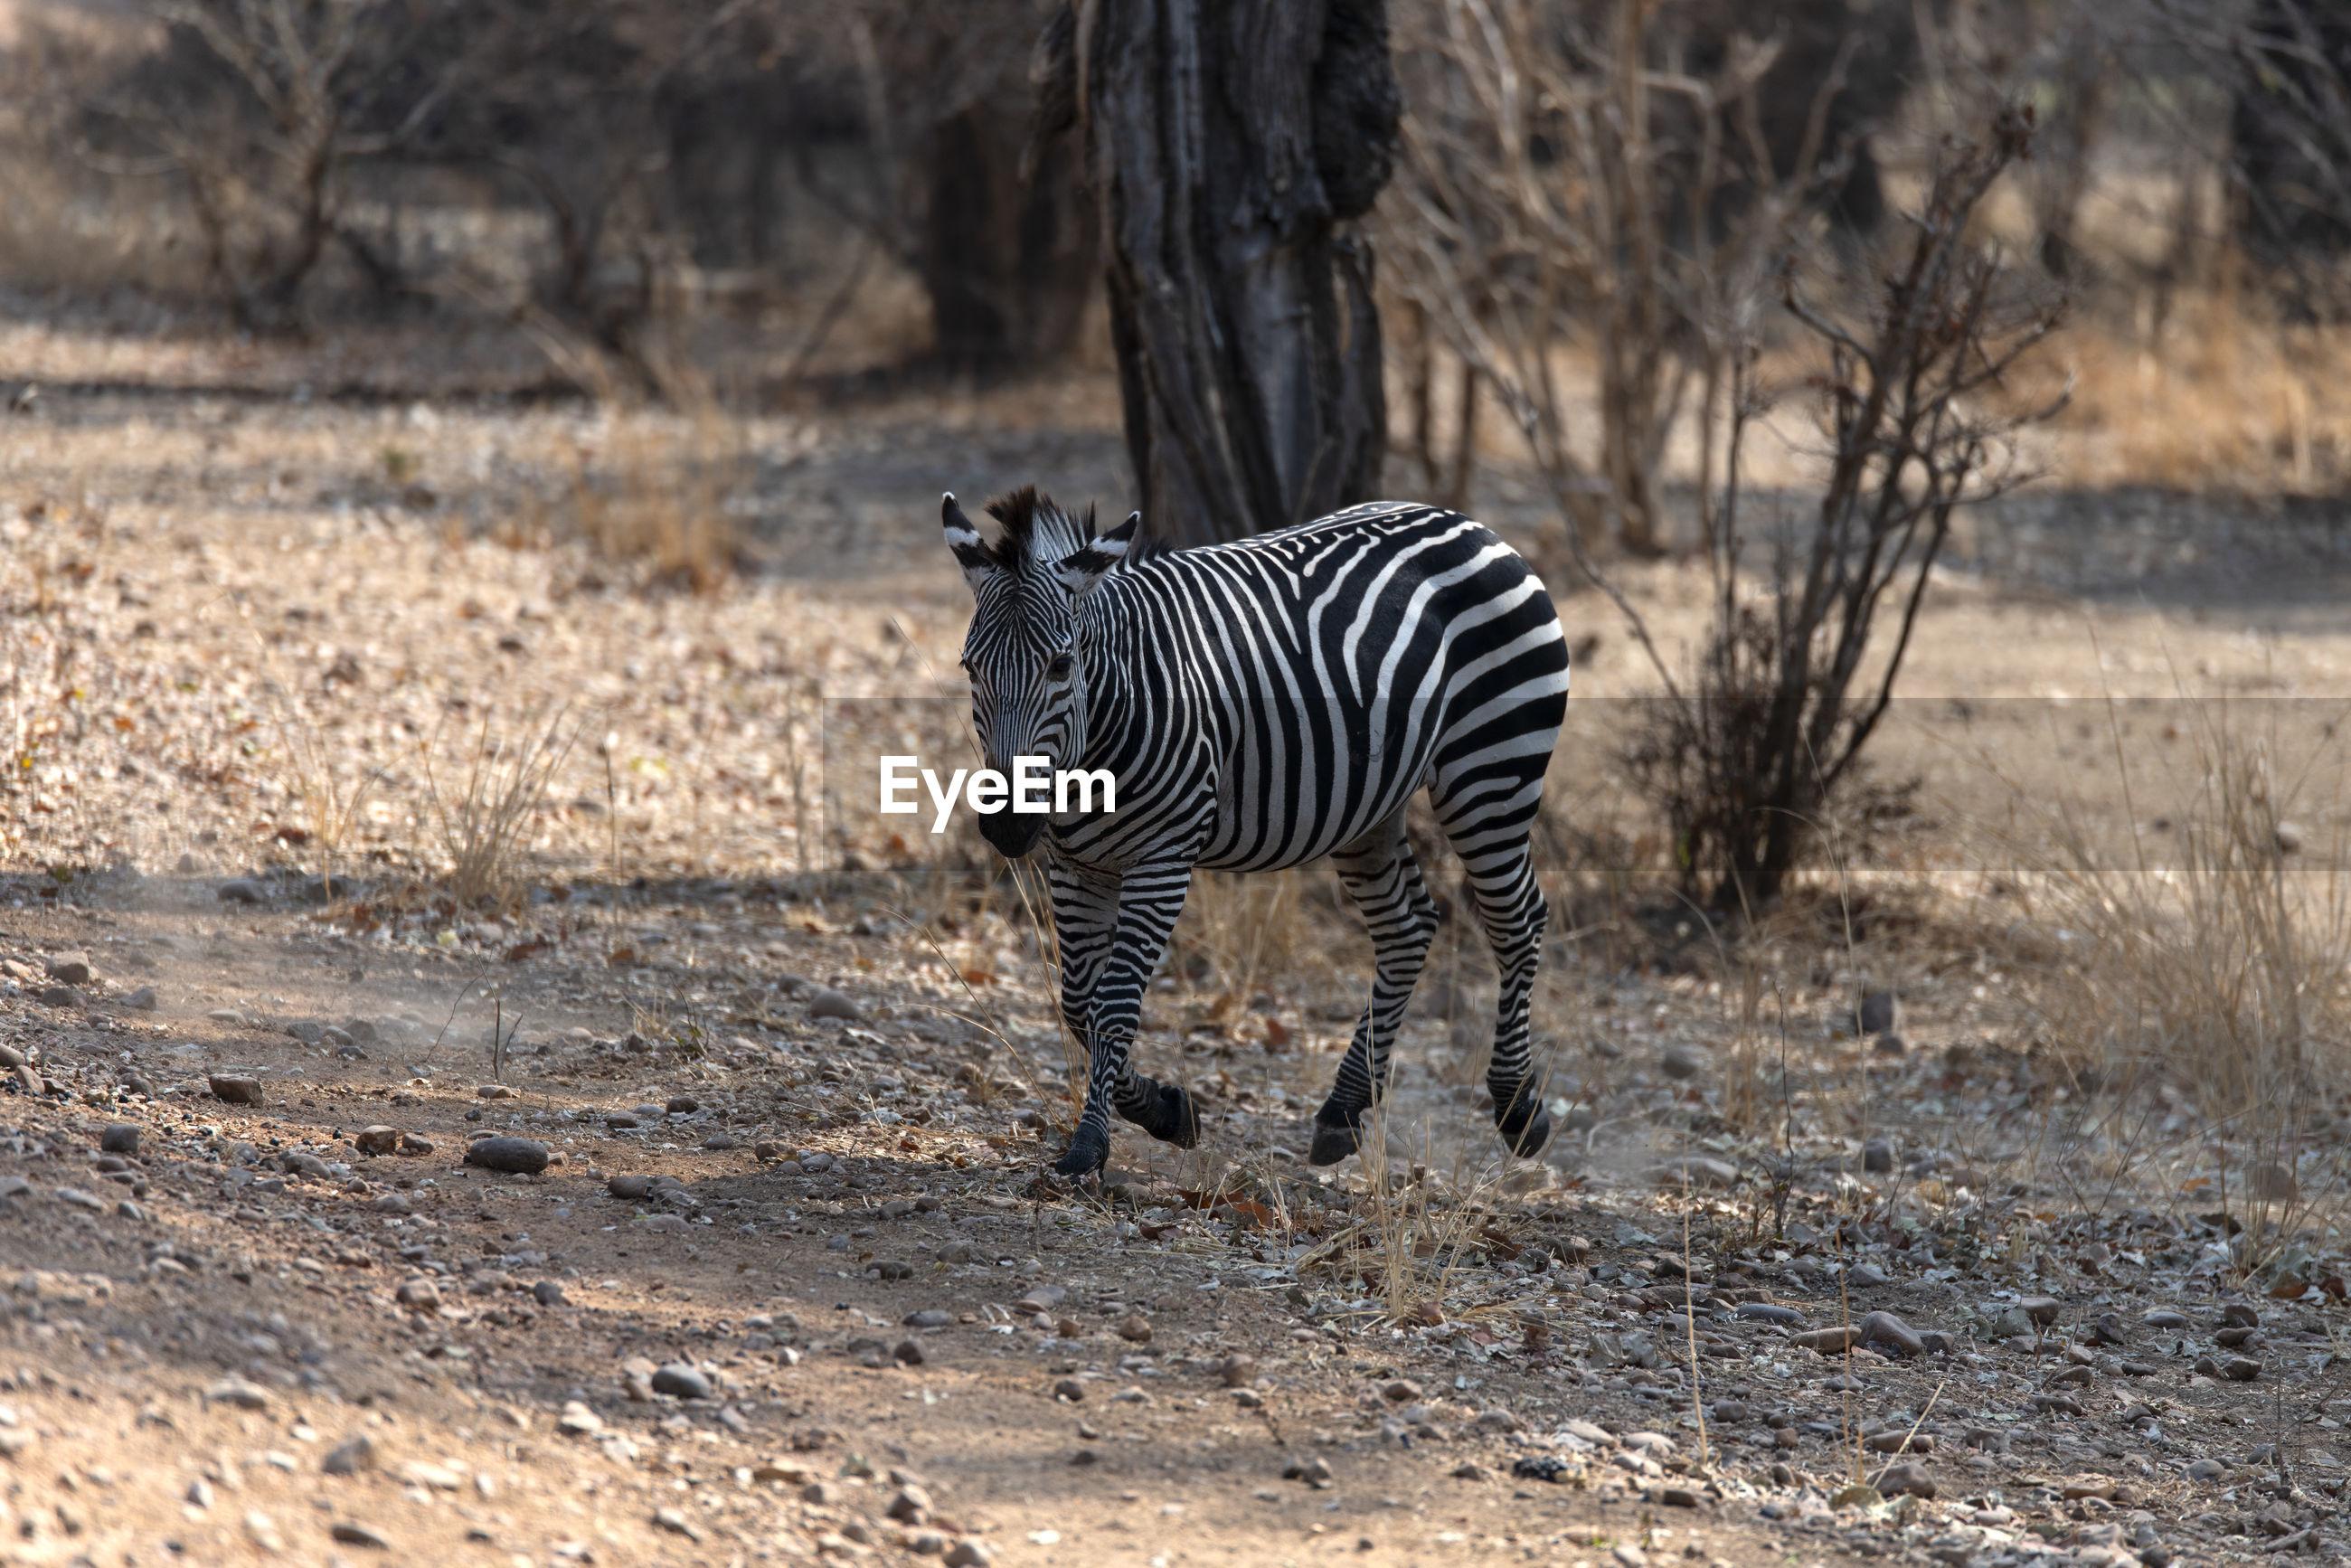 Zebras standing in a field